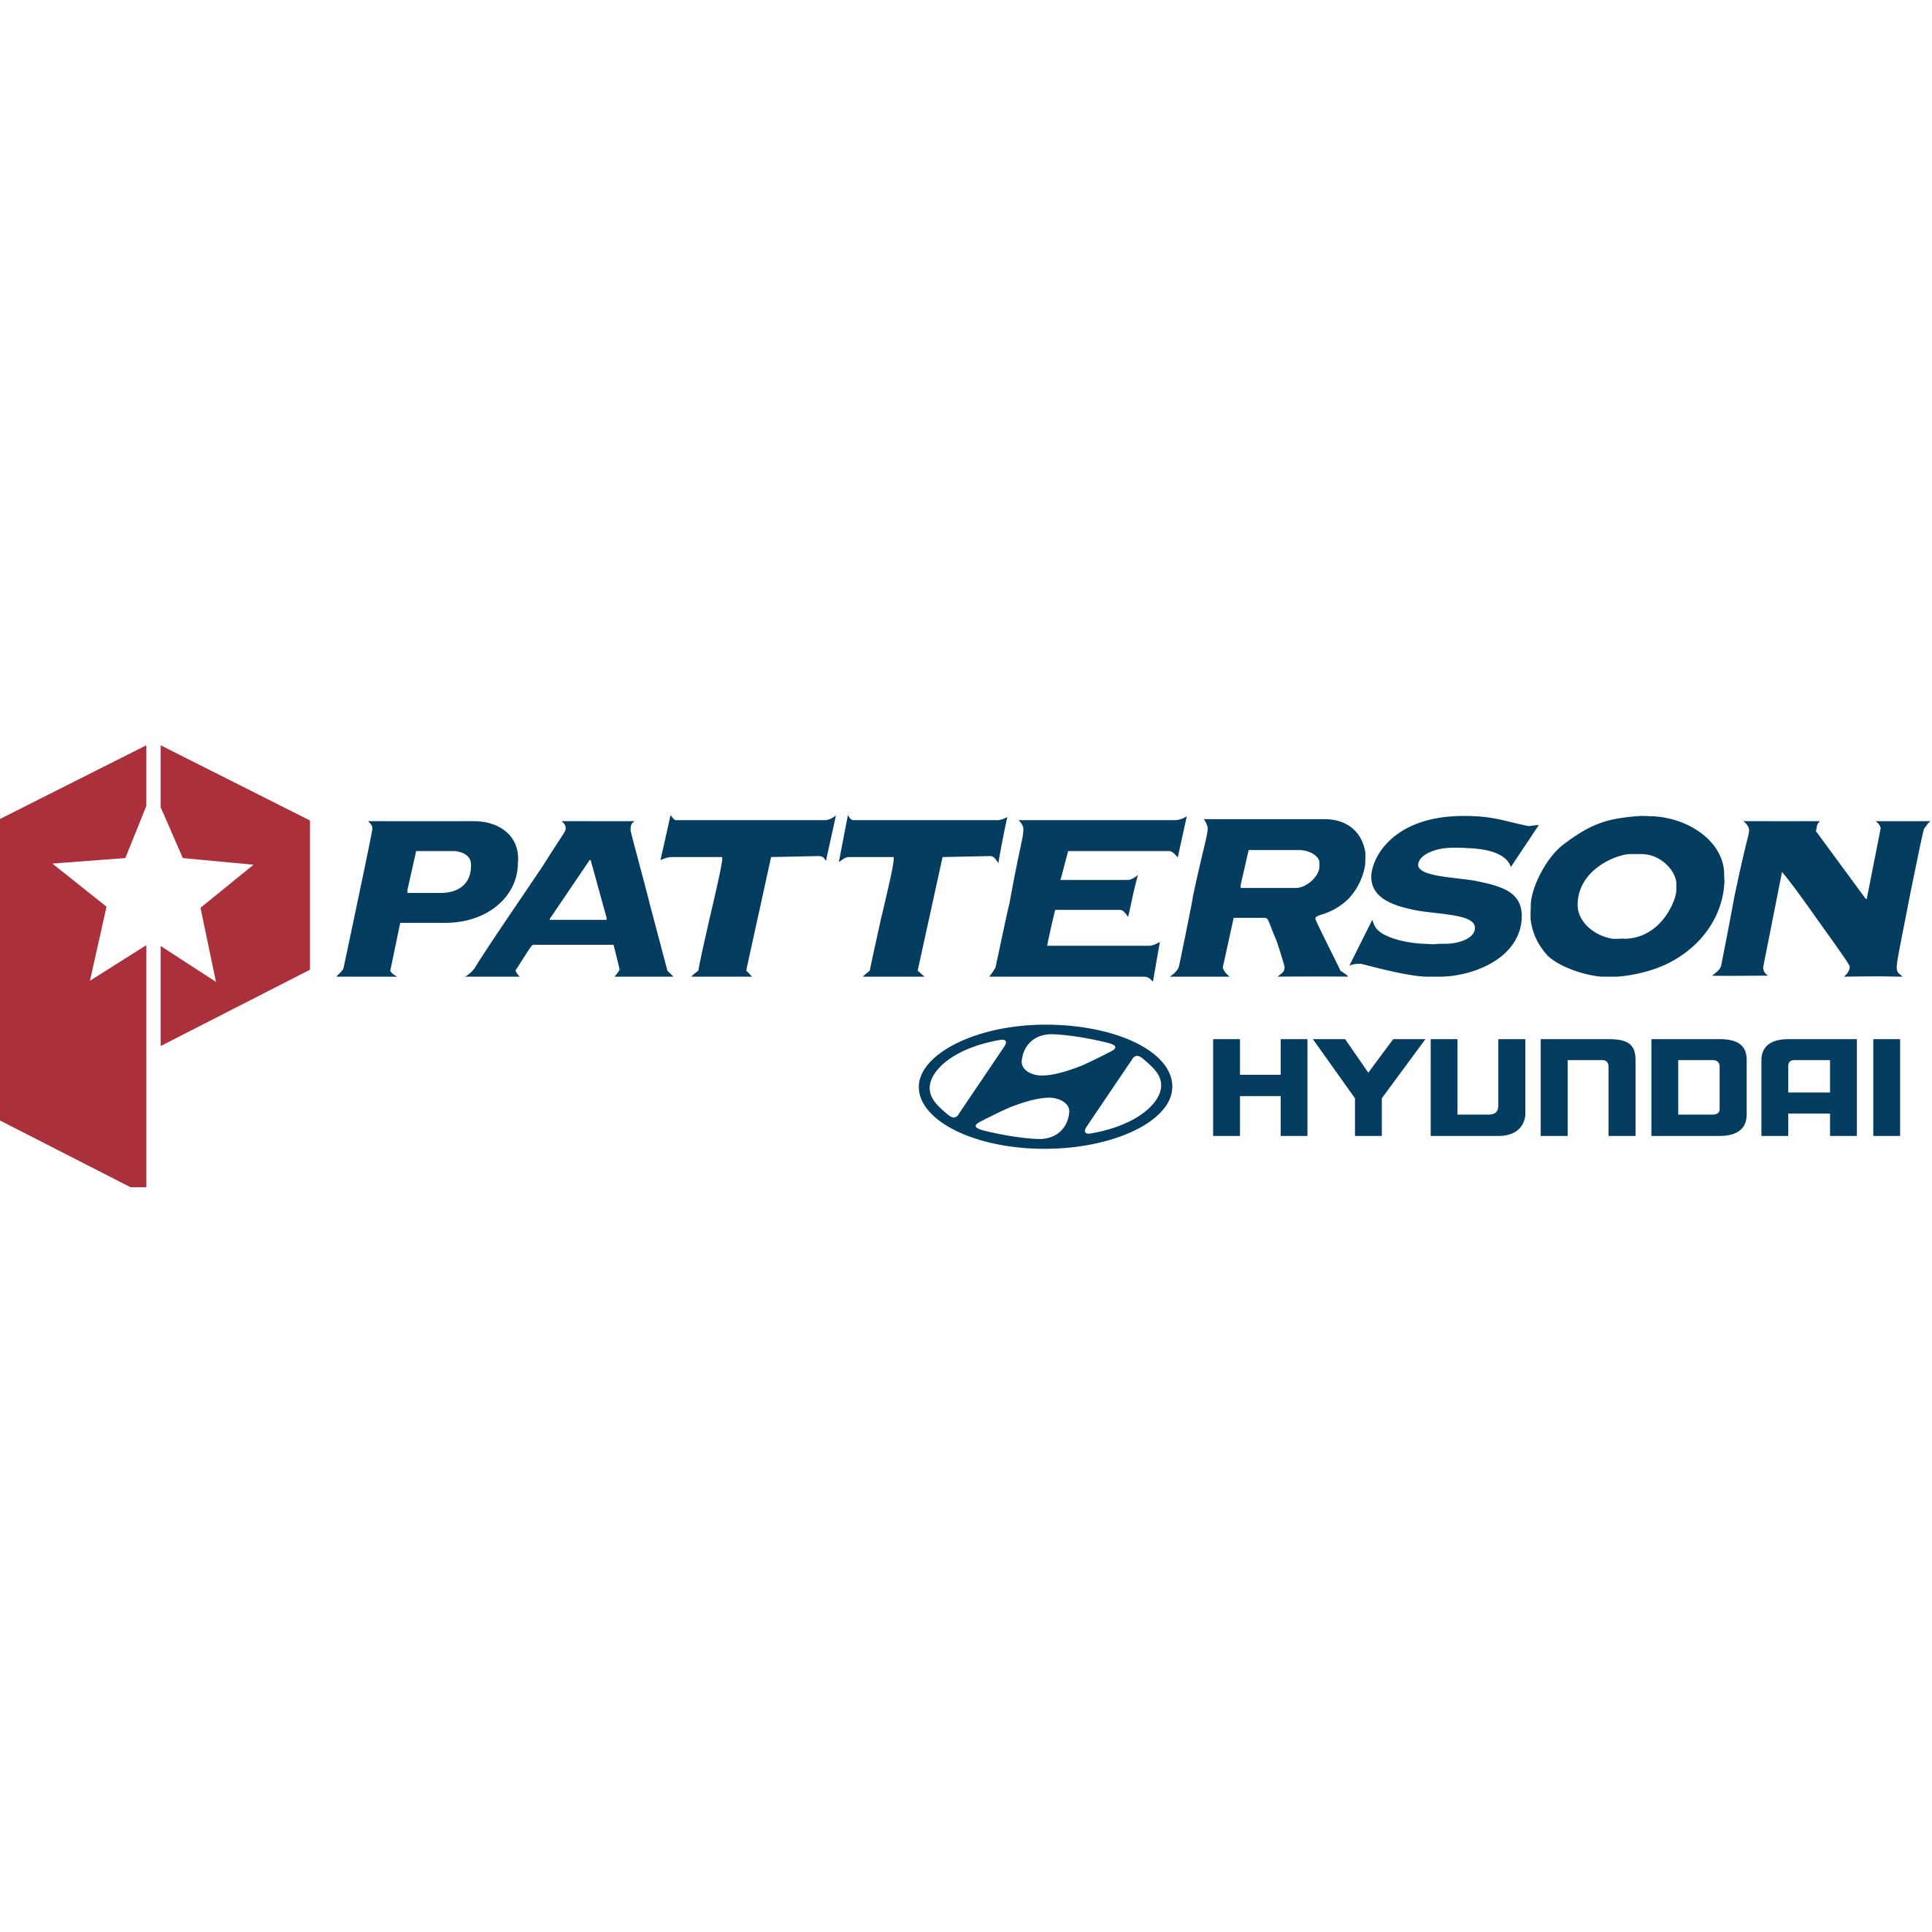 Patterson Hyundai